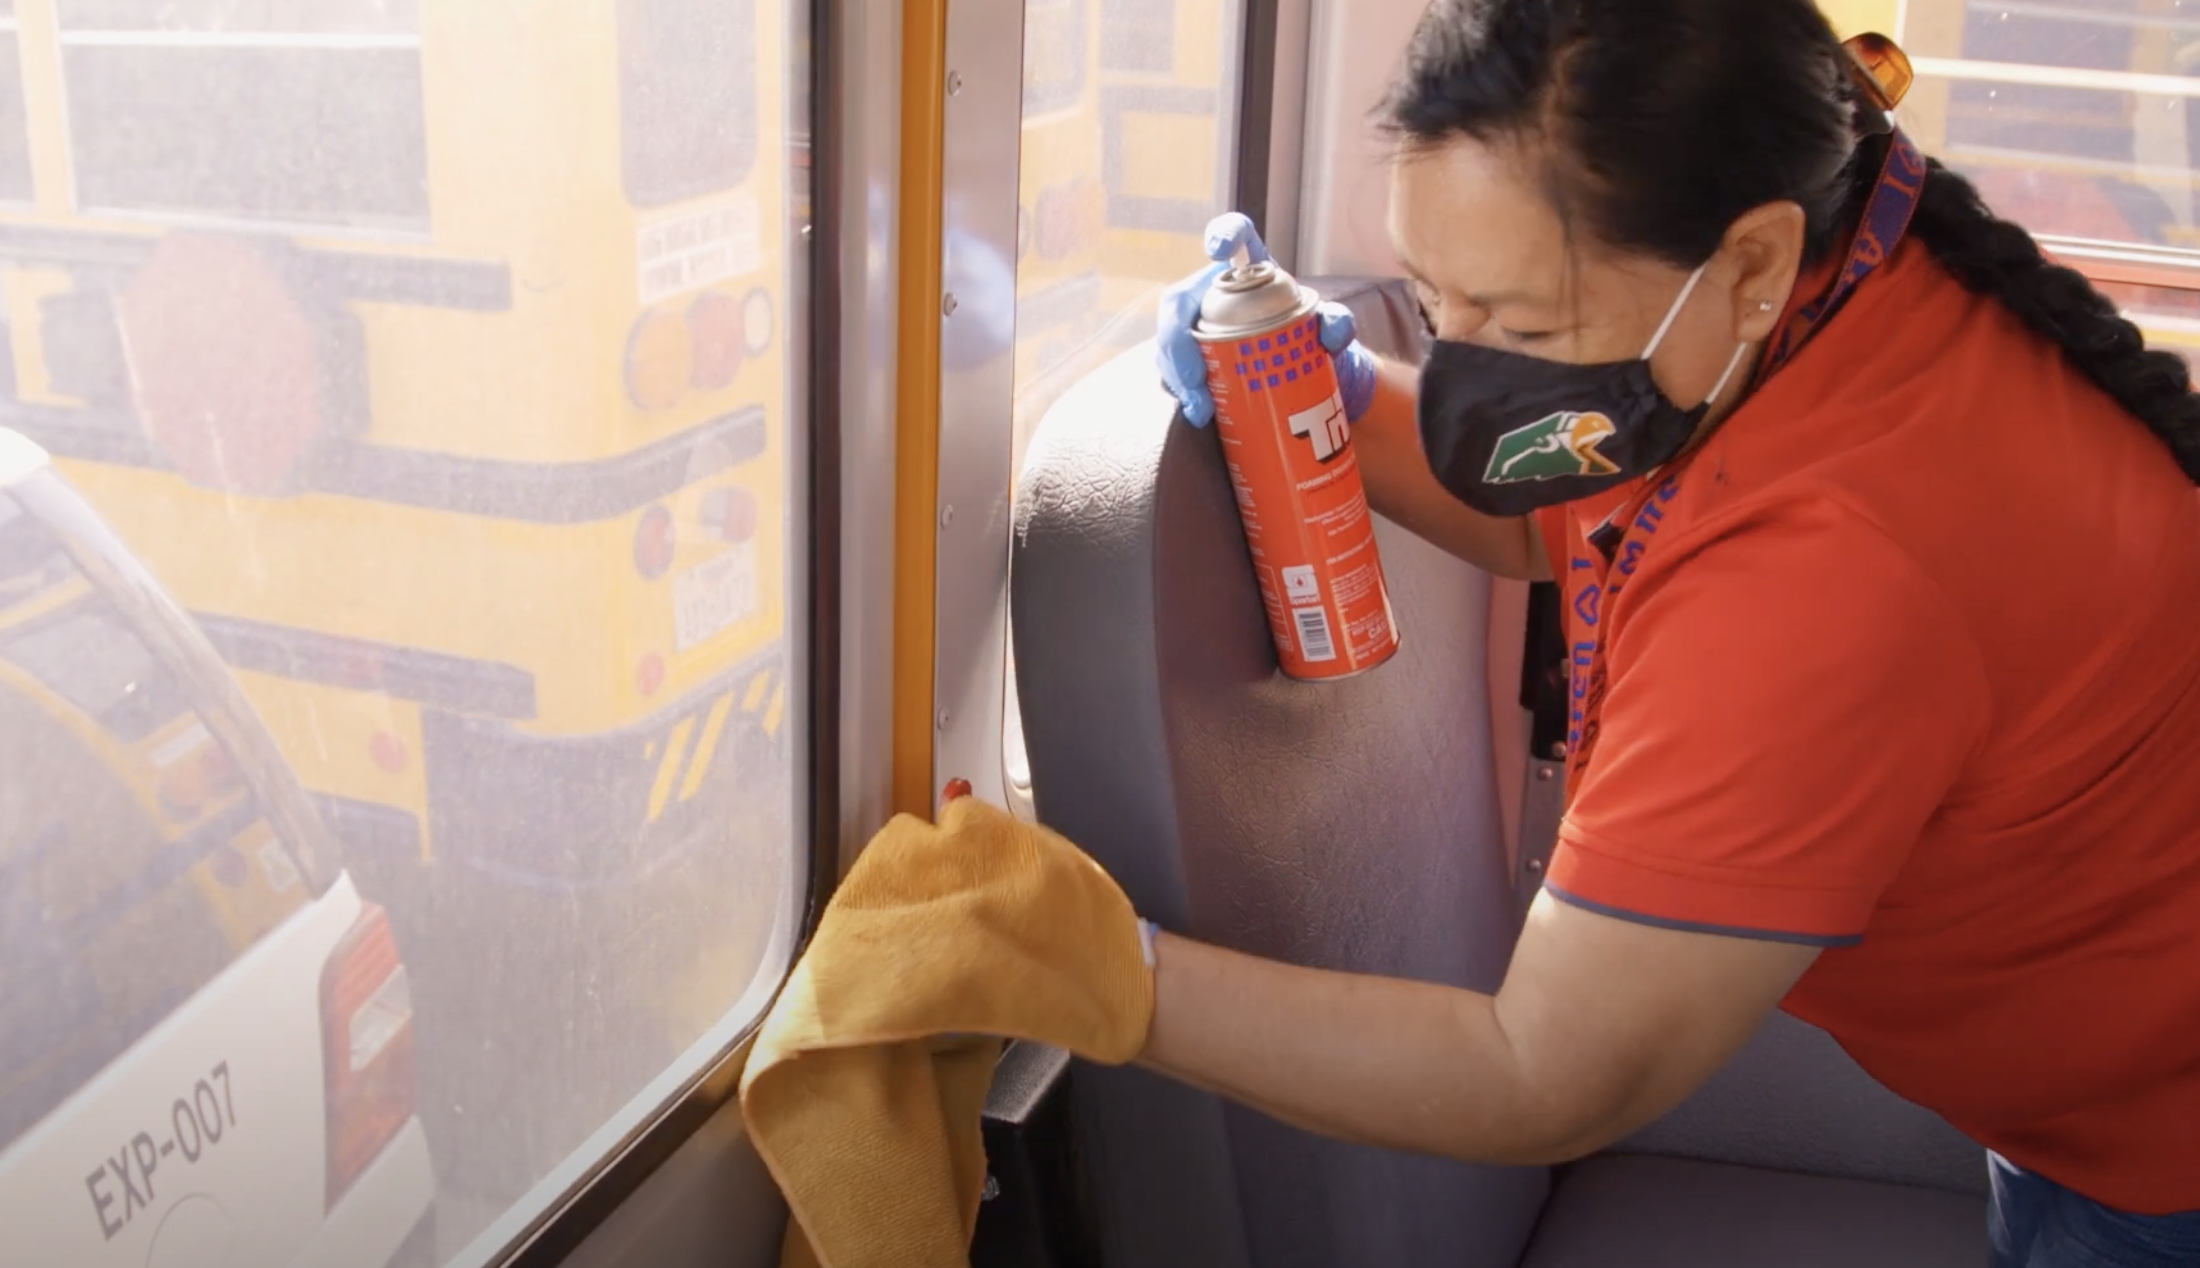 Nuevos procedimientos de desinfección y distribución de asientos garantizarán autobuses más seguros.